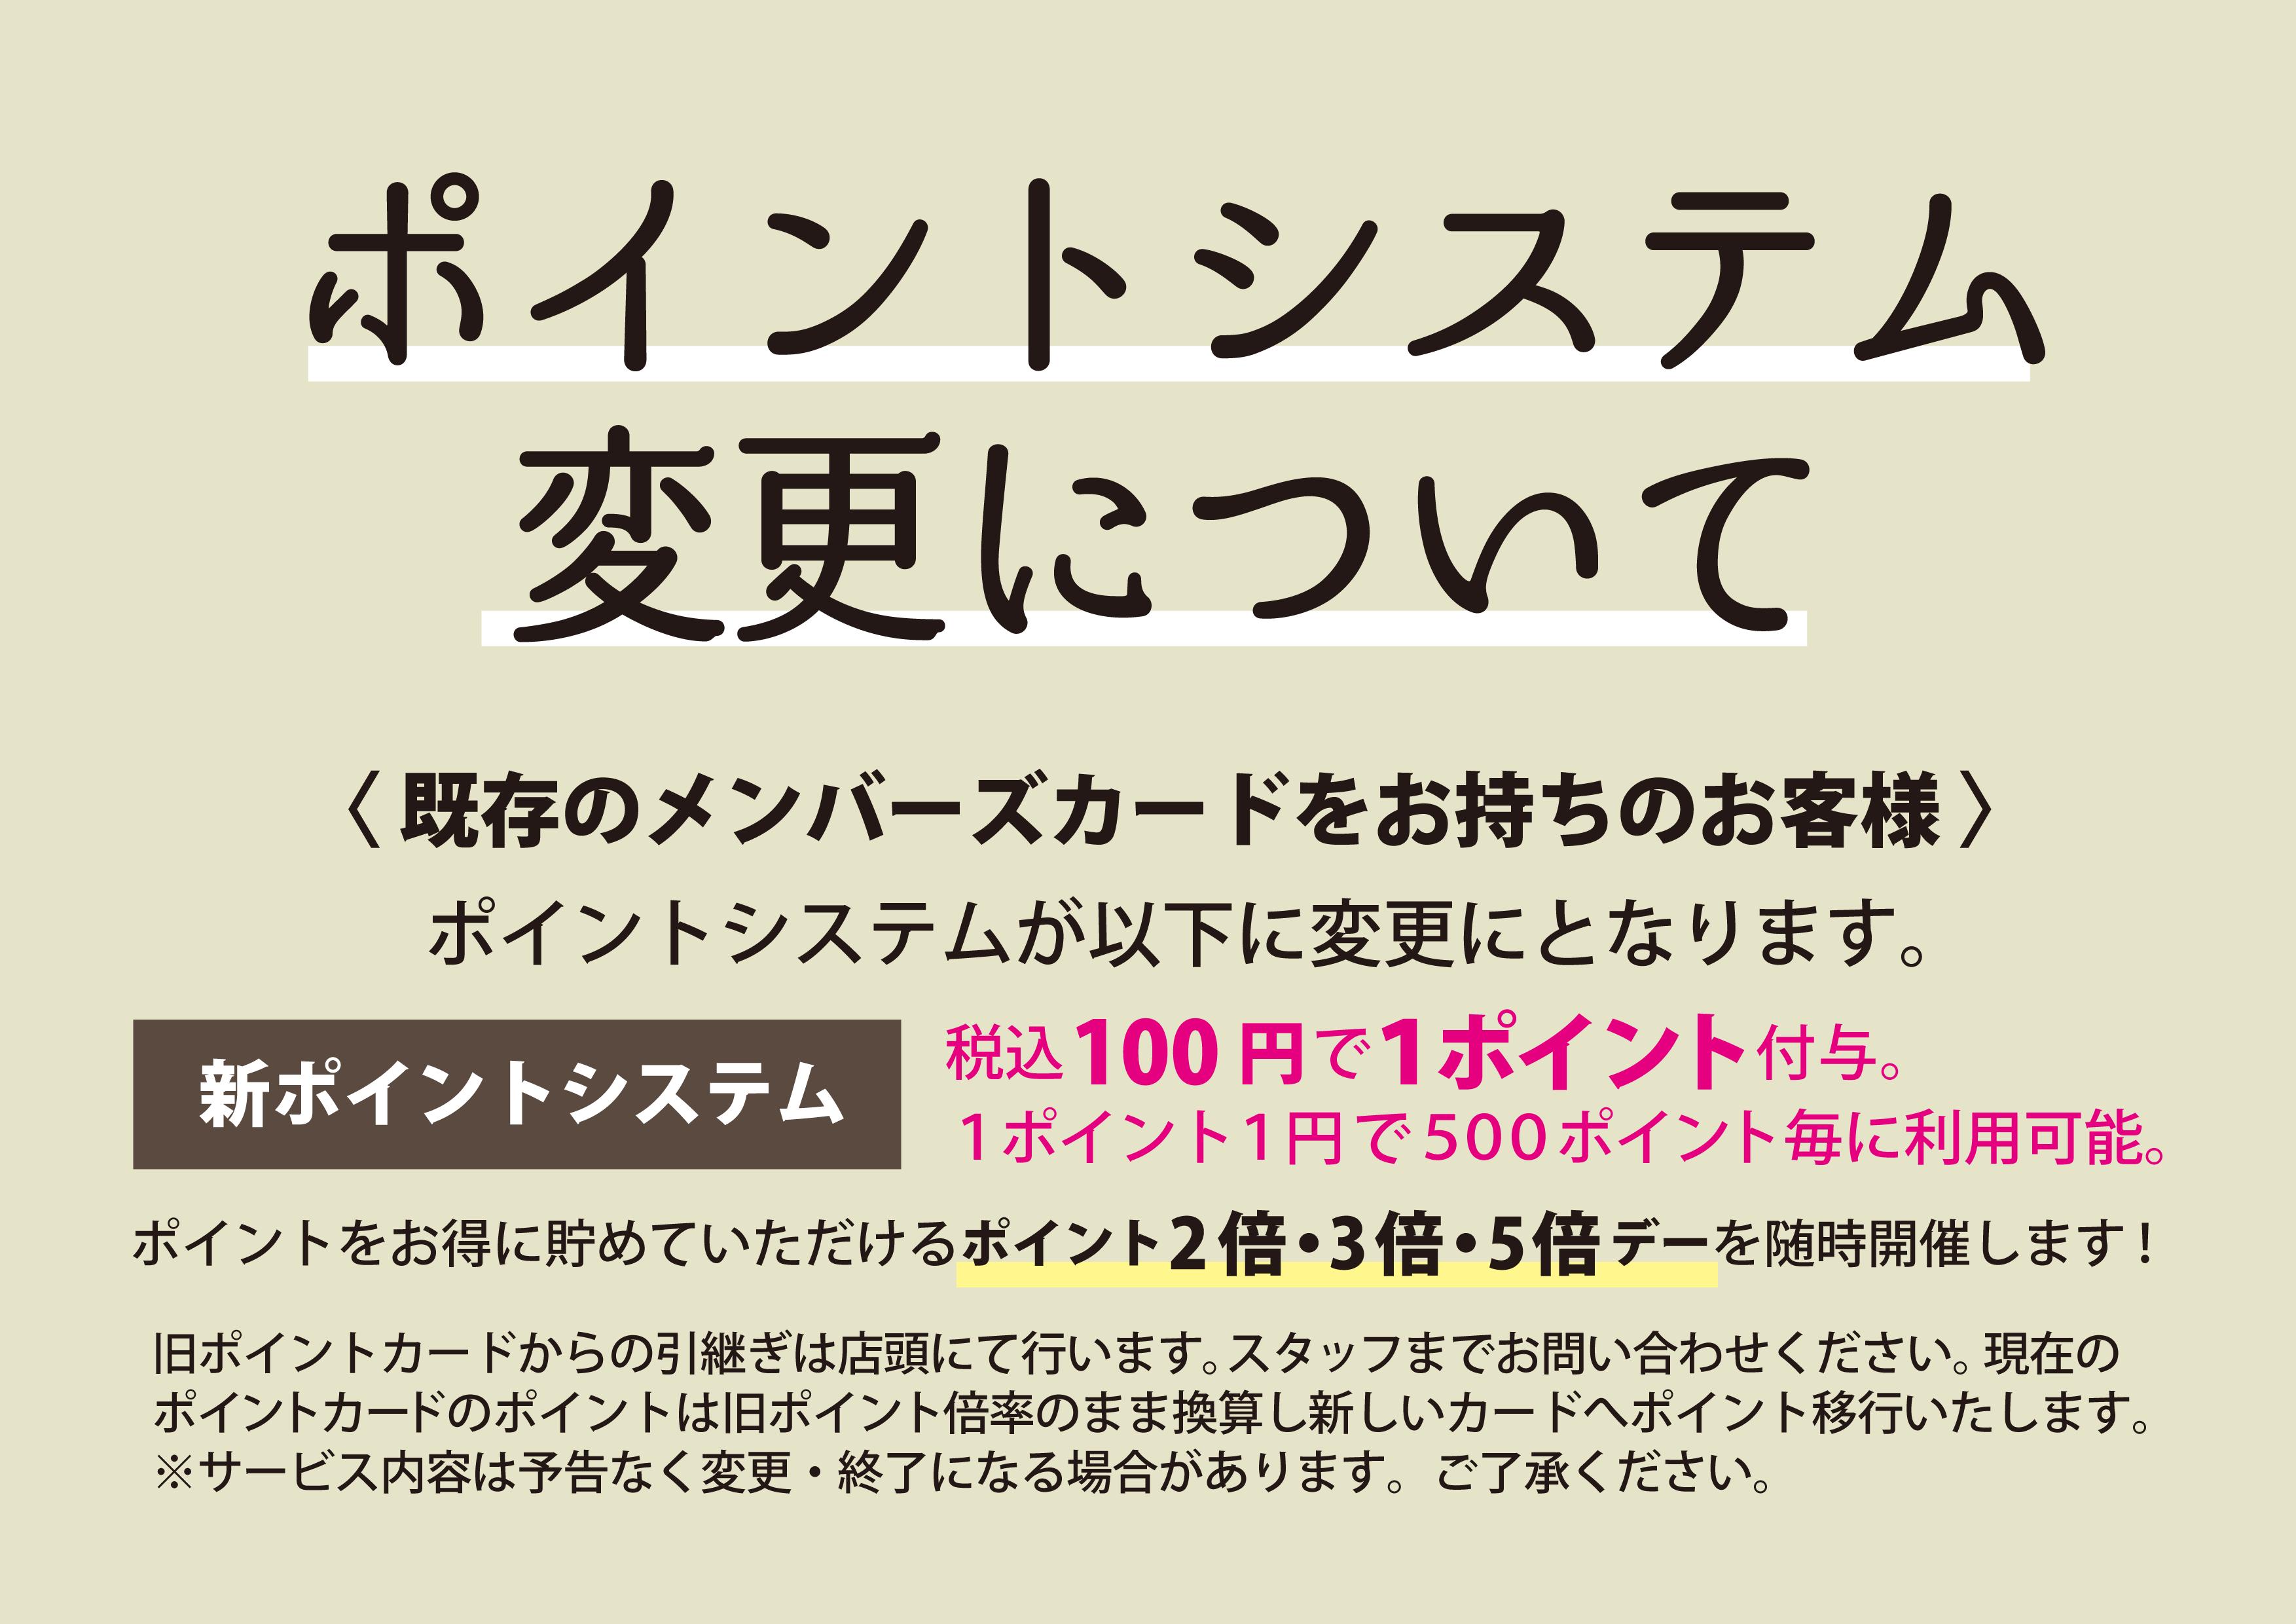 ポイントシステム変更について!!